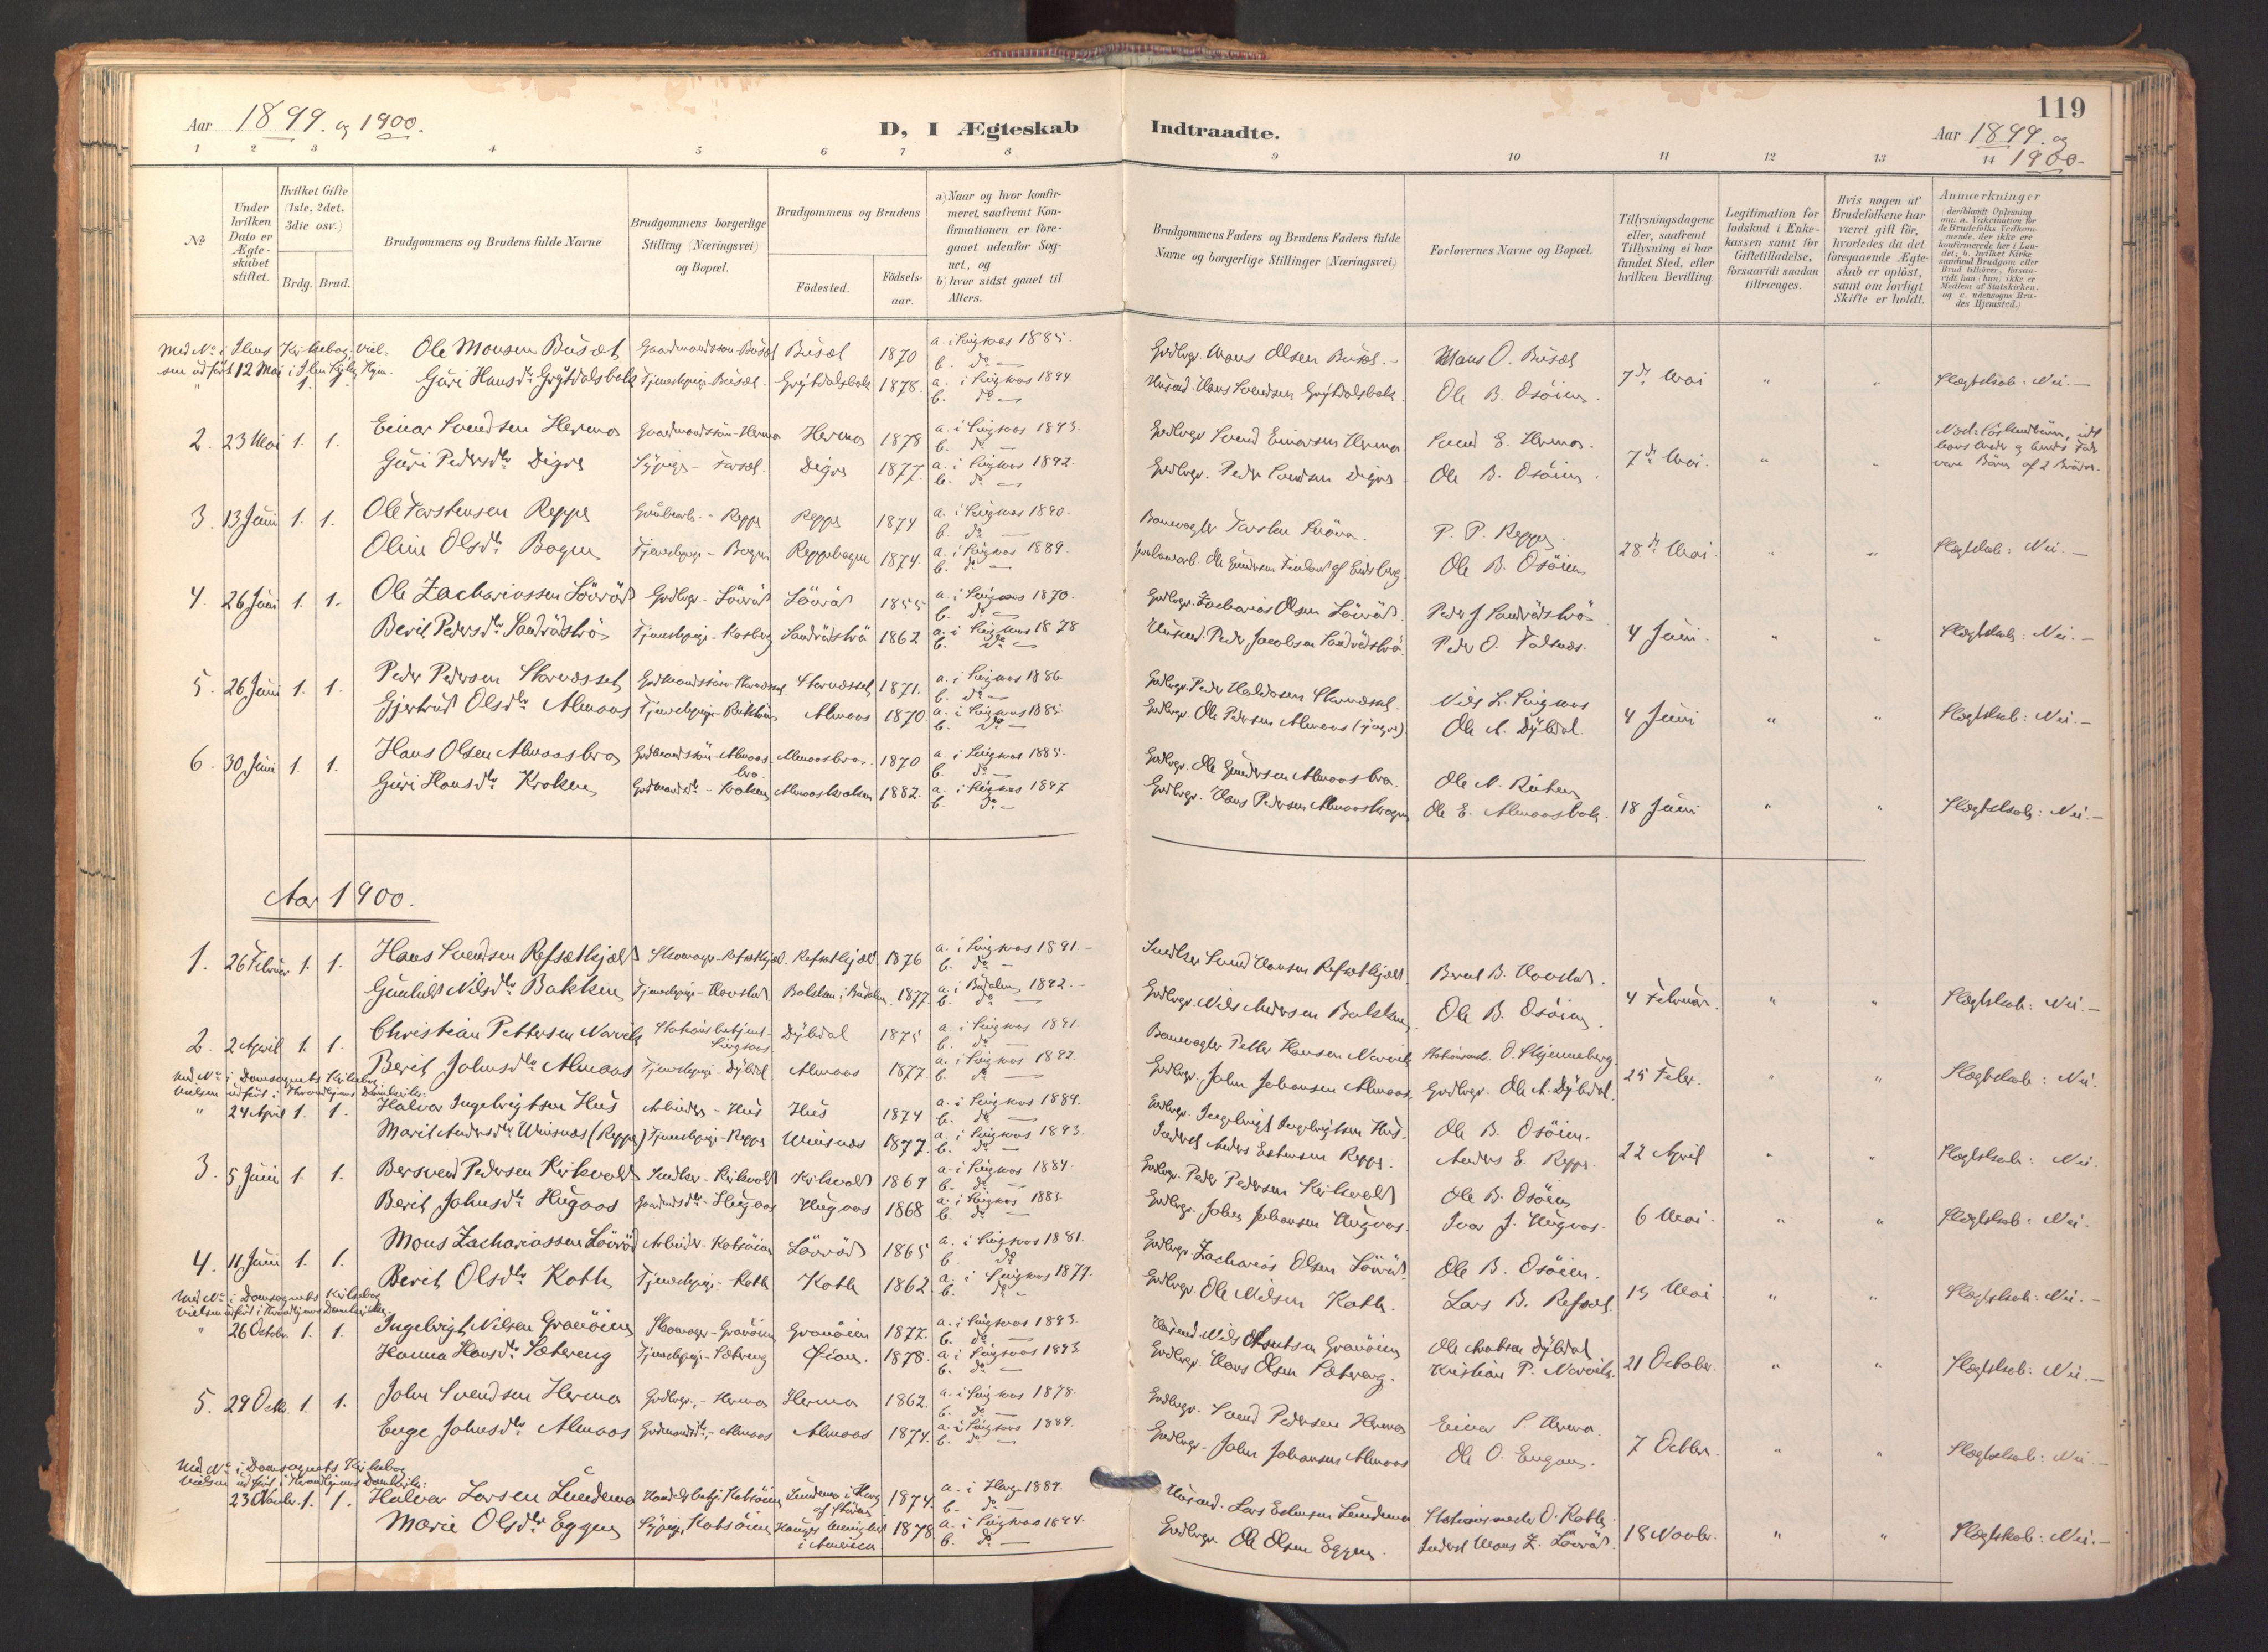 SAT, Ministerialprotokoller, klokkerbøker og fødselsregistre - Sør-Trøndelag, 688/L1025: Ministerialbok nr. 688A02, 1891-1909, s. 119